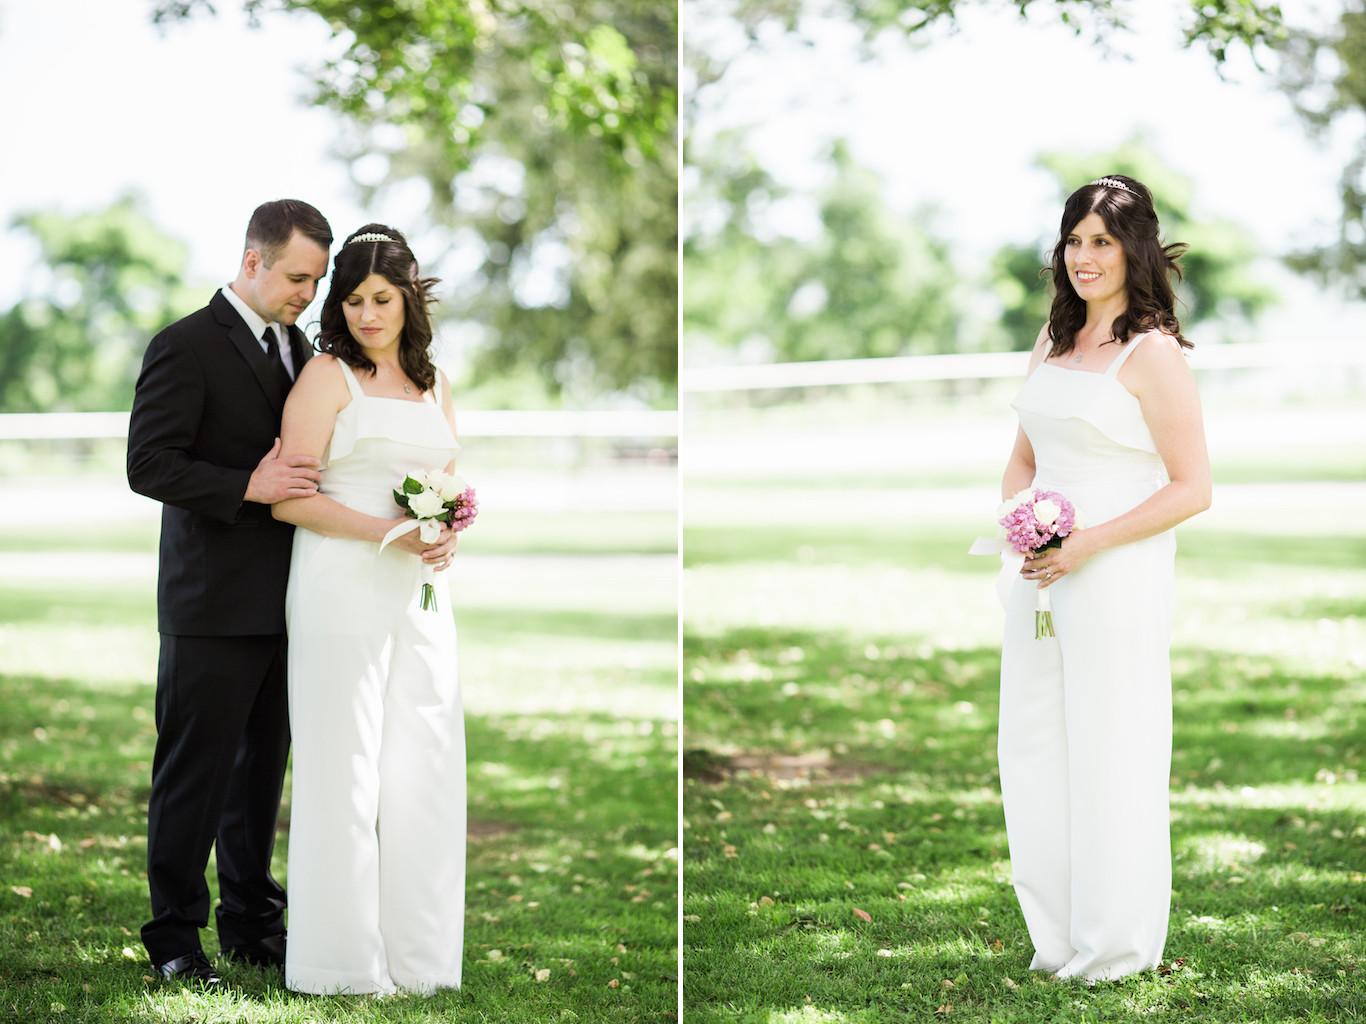 Jennifer + Greg's Wedding in Lakewood Park | cleveland, ohio photographer